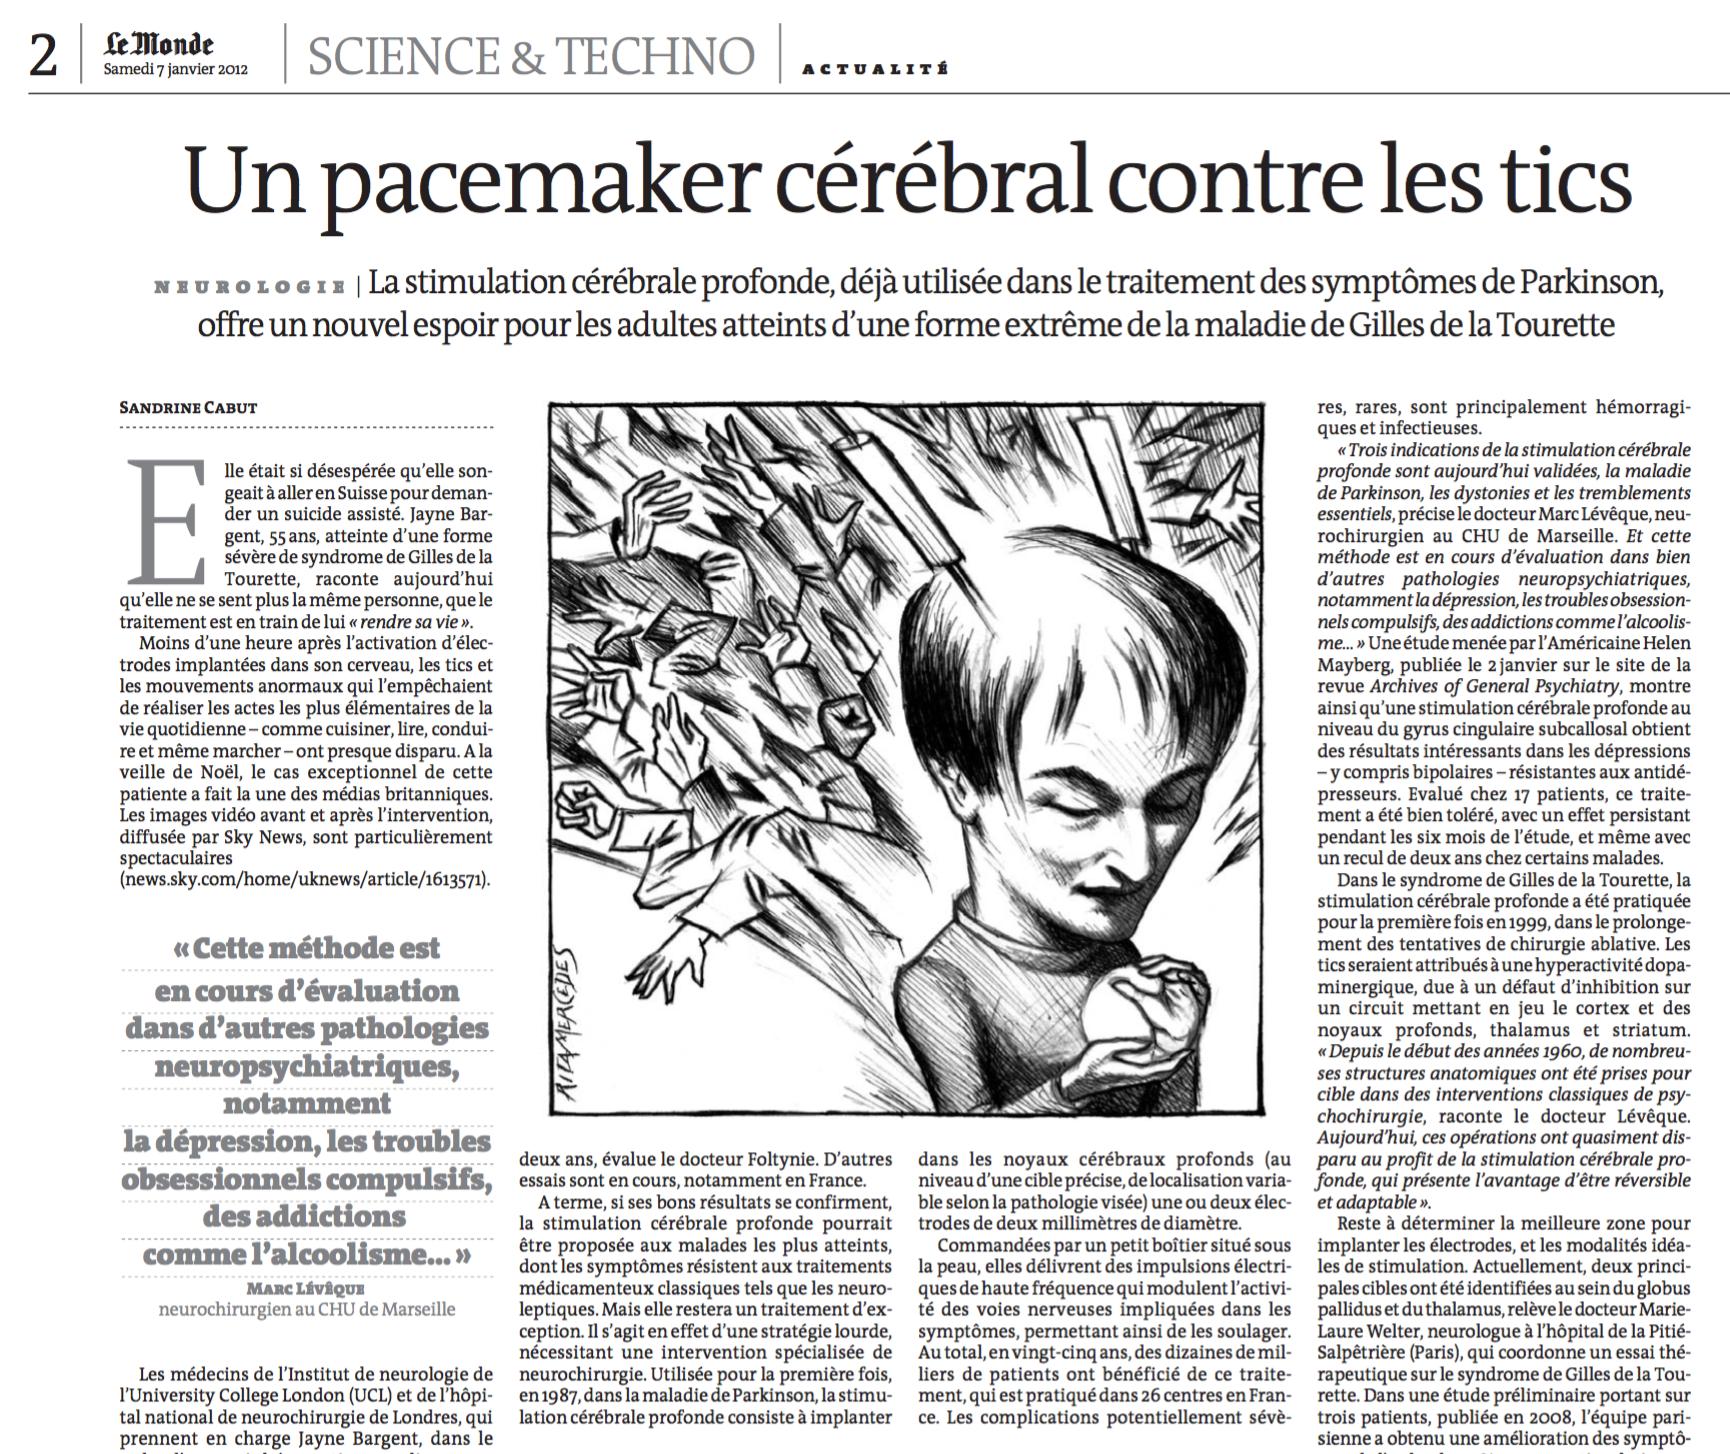 Le Monde - Un pacemaker cérébral contre les tics - 07/01/12